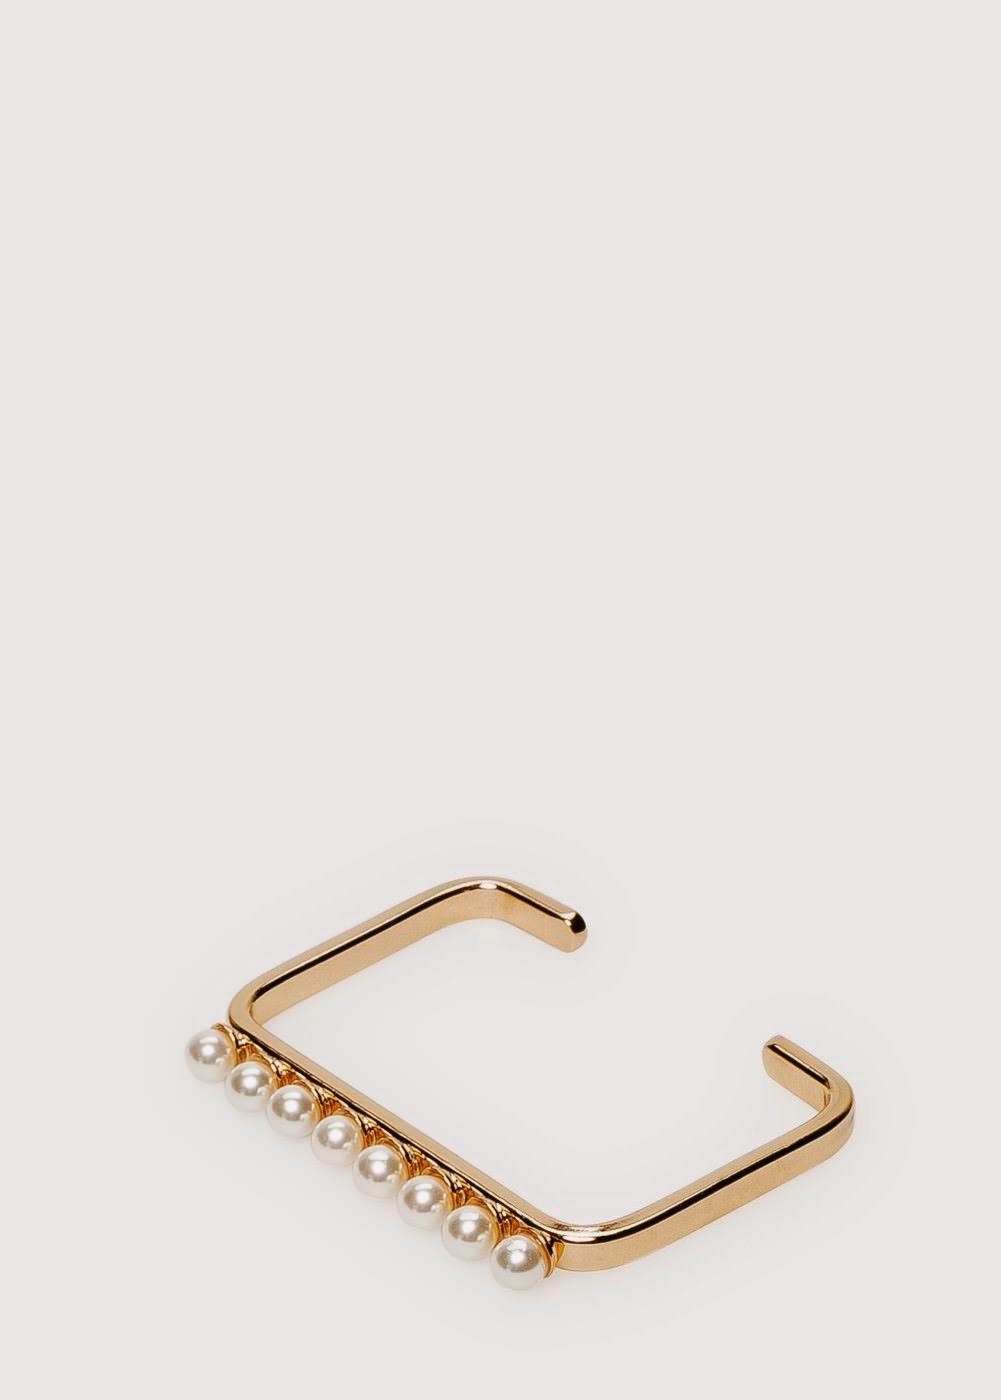 mango pearl bracelet,